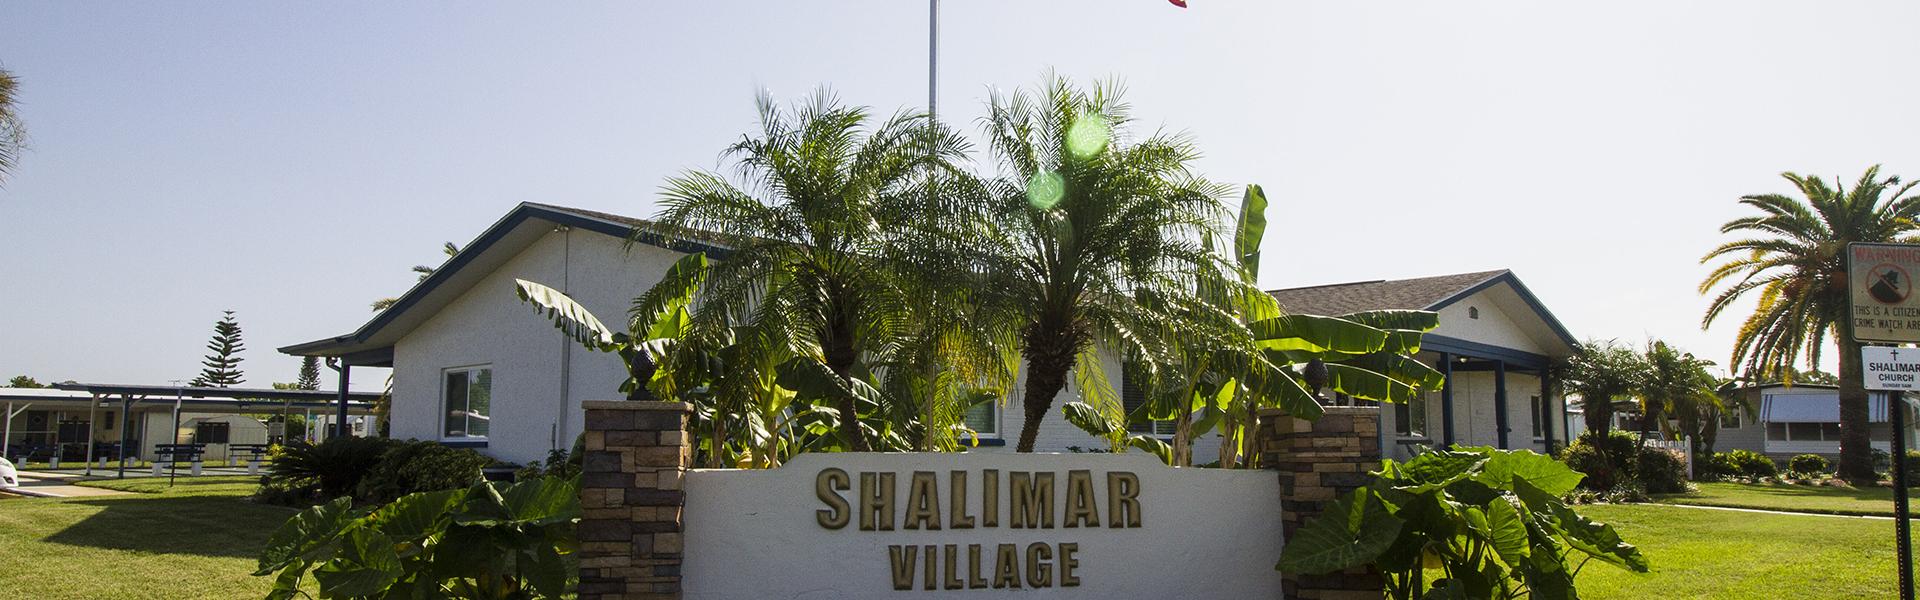 ShalimarVillage062619_10